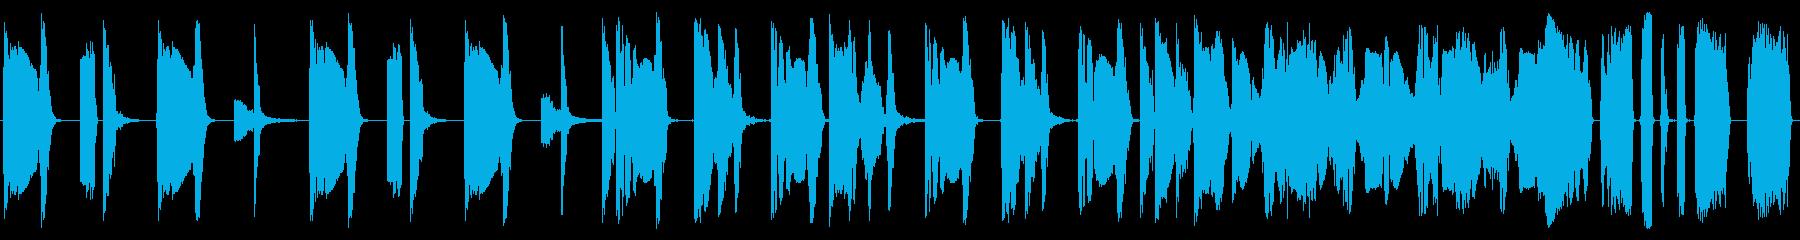 逆転した電子バンパーの再生済みの波形